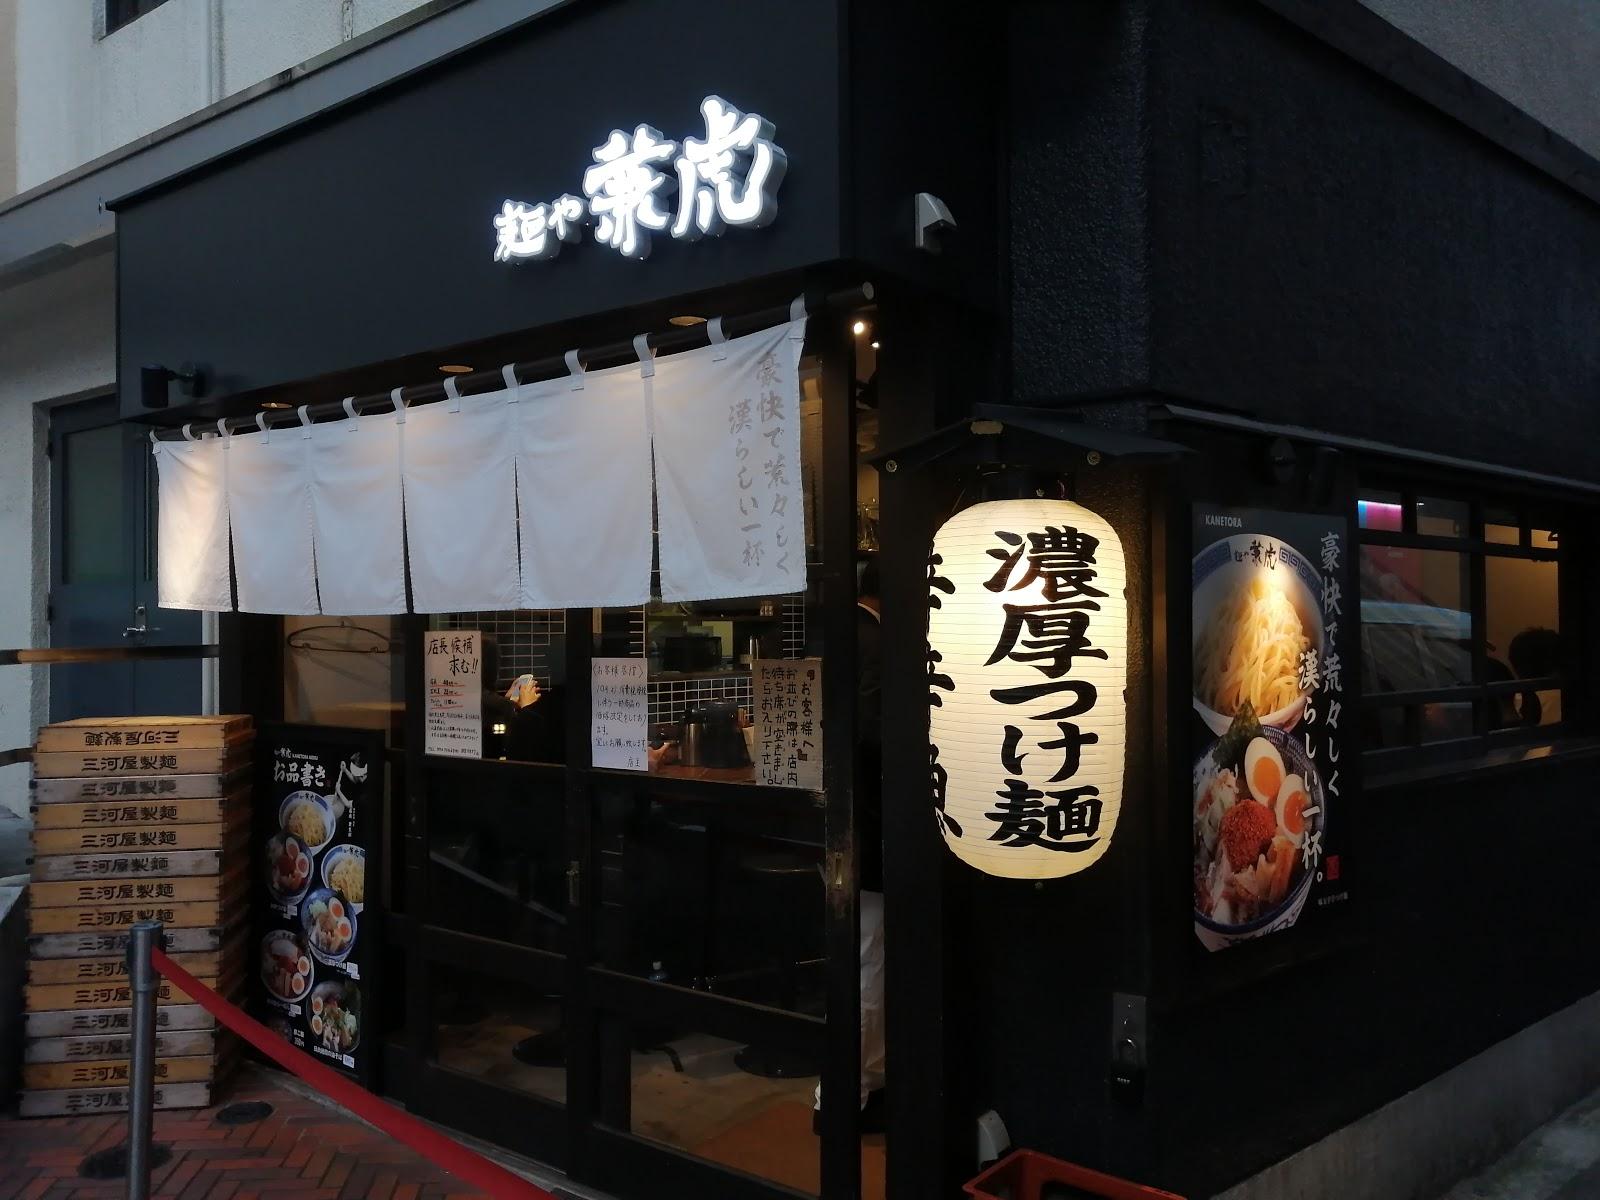 福岡市天神のつけ麺・ラーメン専門店 麺や兼虎外観